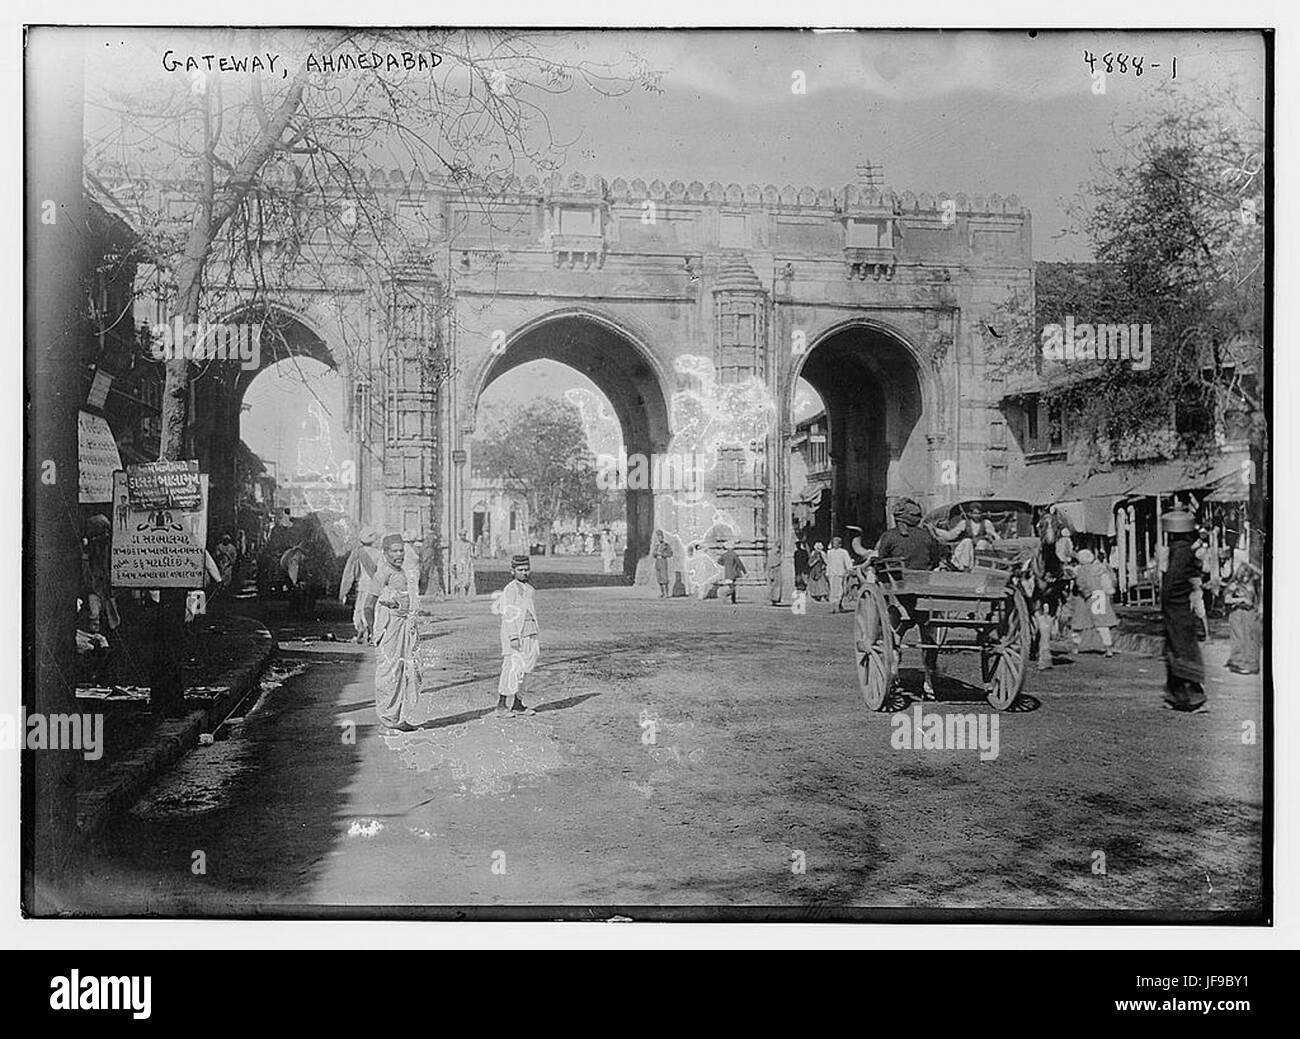 Gateway, Ahmedabad   31479977313 o - Stock Image